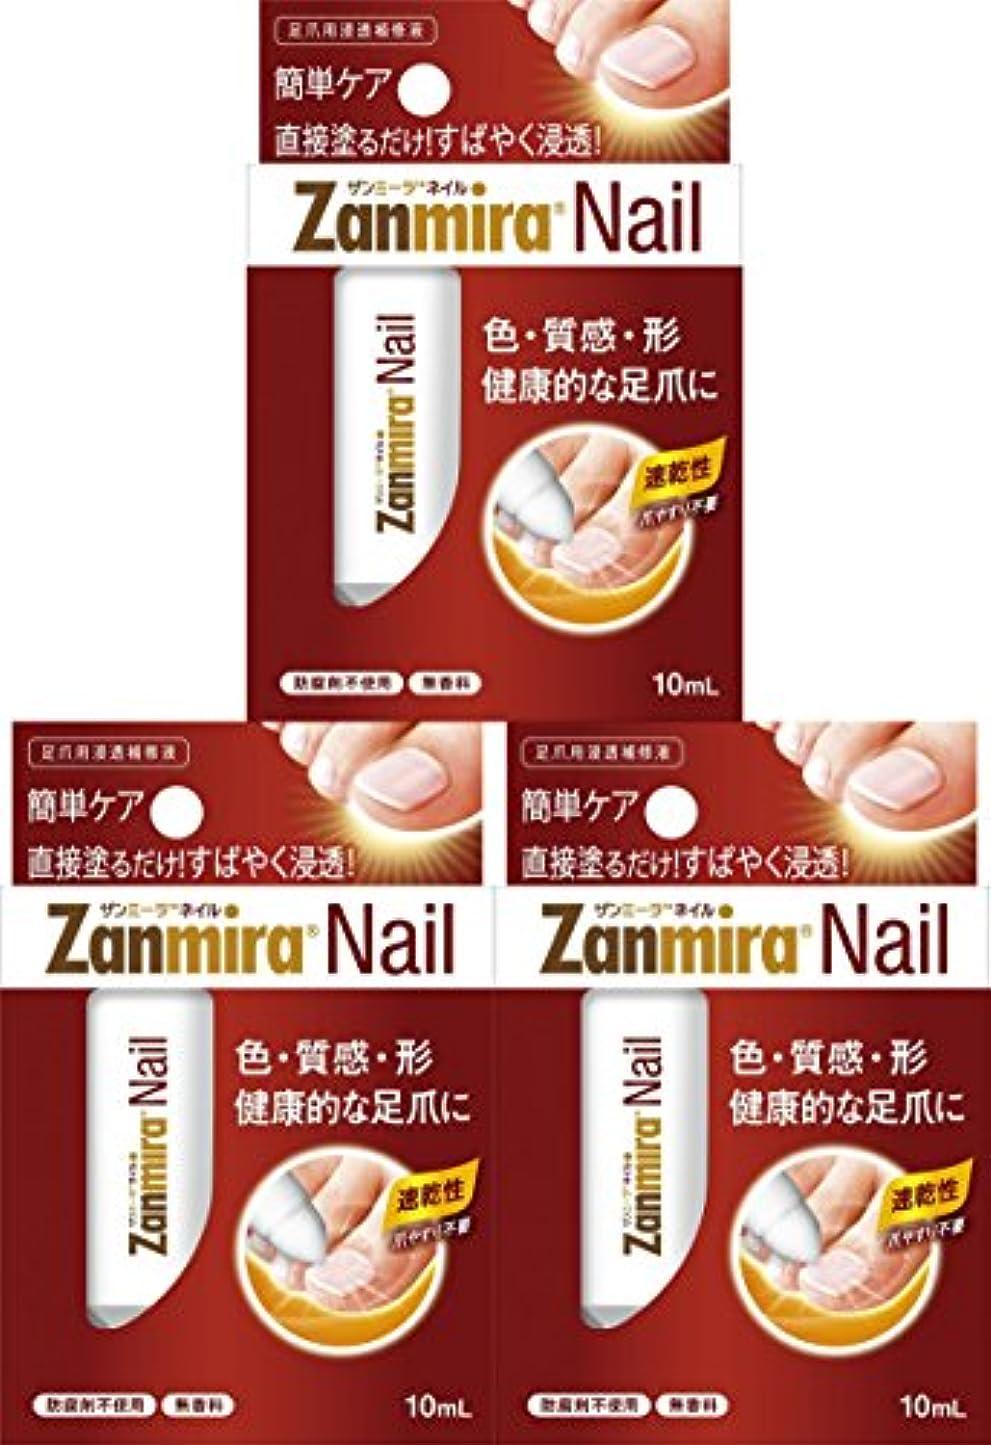 中間硬い硬い【3個セット】ザンミーラ ネイル Zanmira Nail 10ml 足爪用浸透補修液